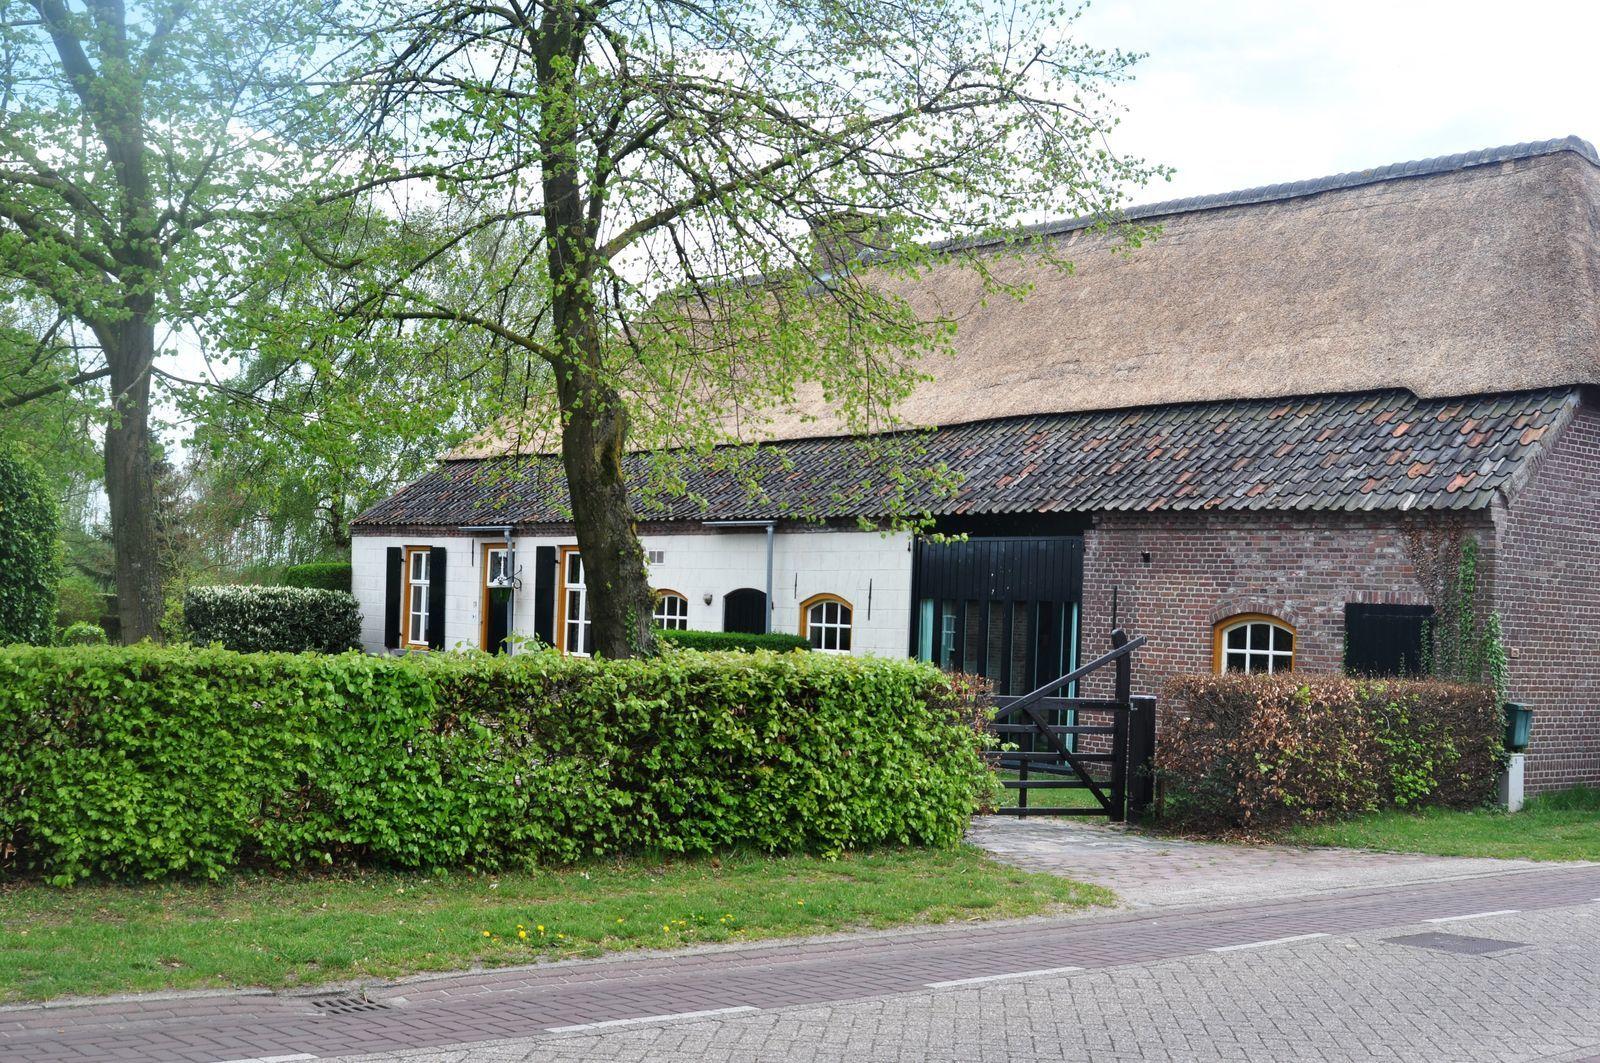 Boerenhuis - luxe en groot vakantiehuis in Brabant